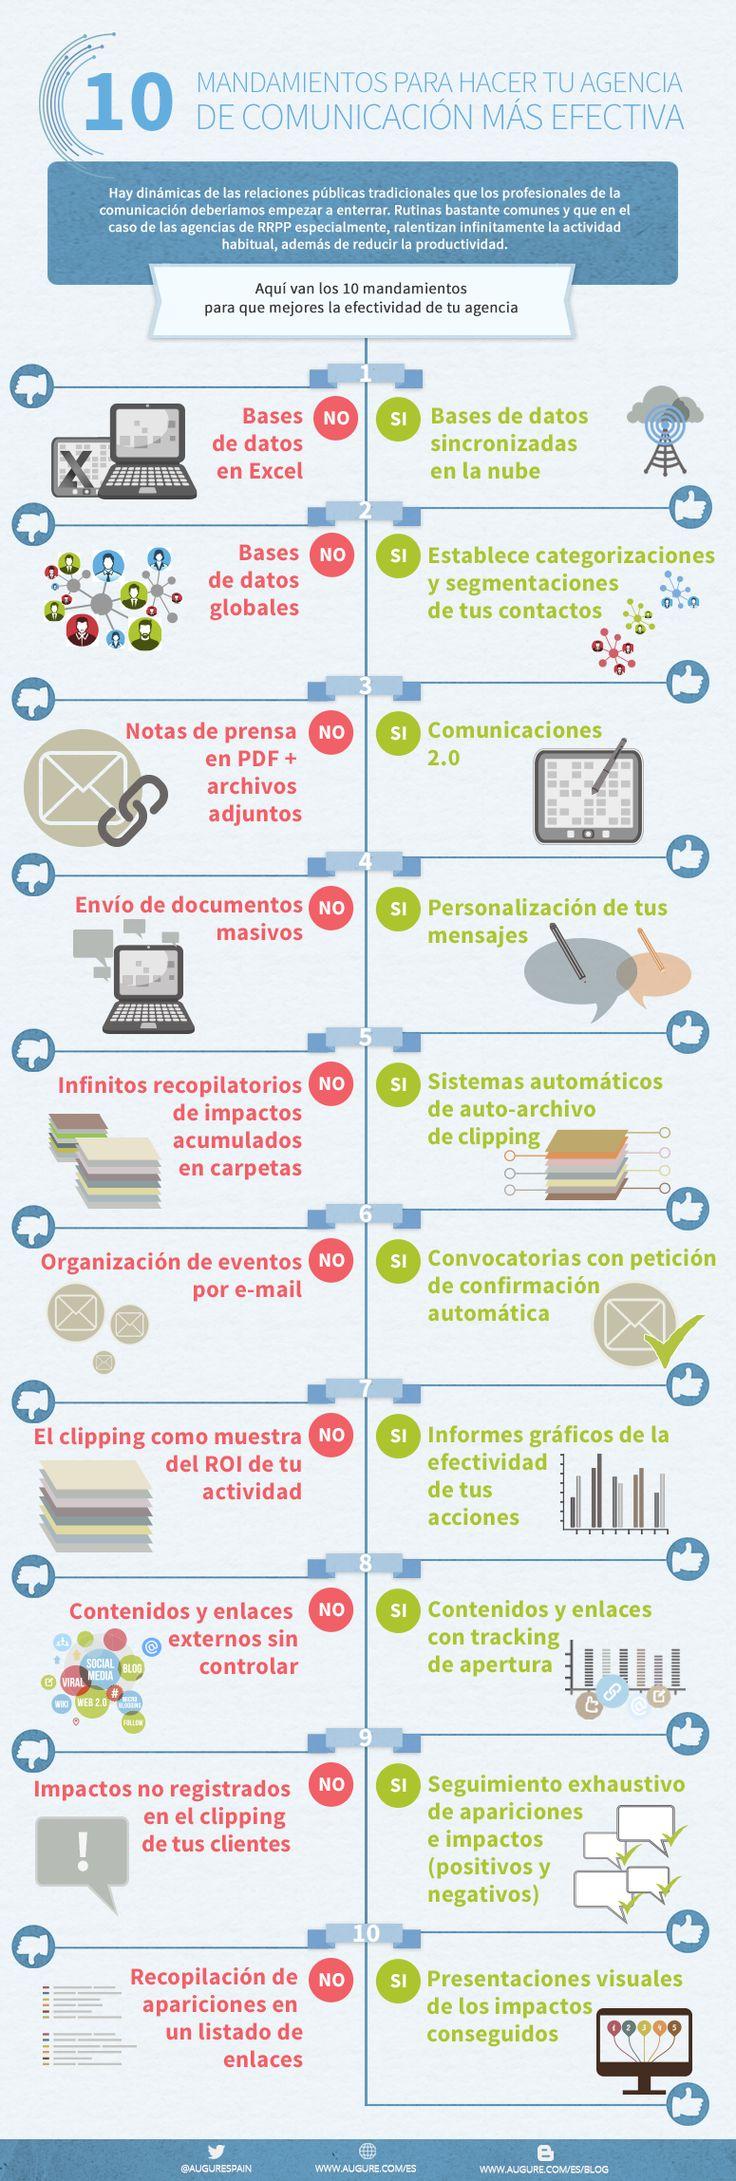 10 mandamientos para hacer tu agencia de comunicación más efectiva #infografia #marketing